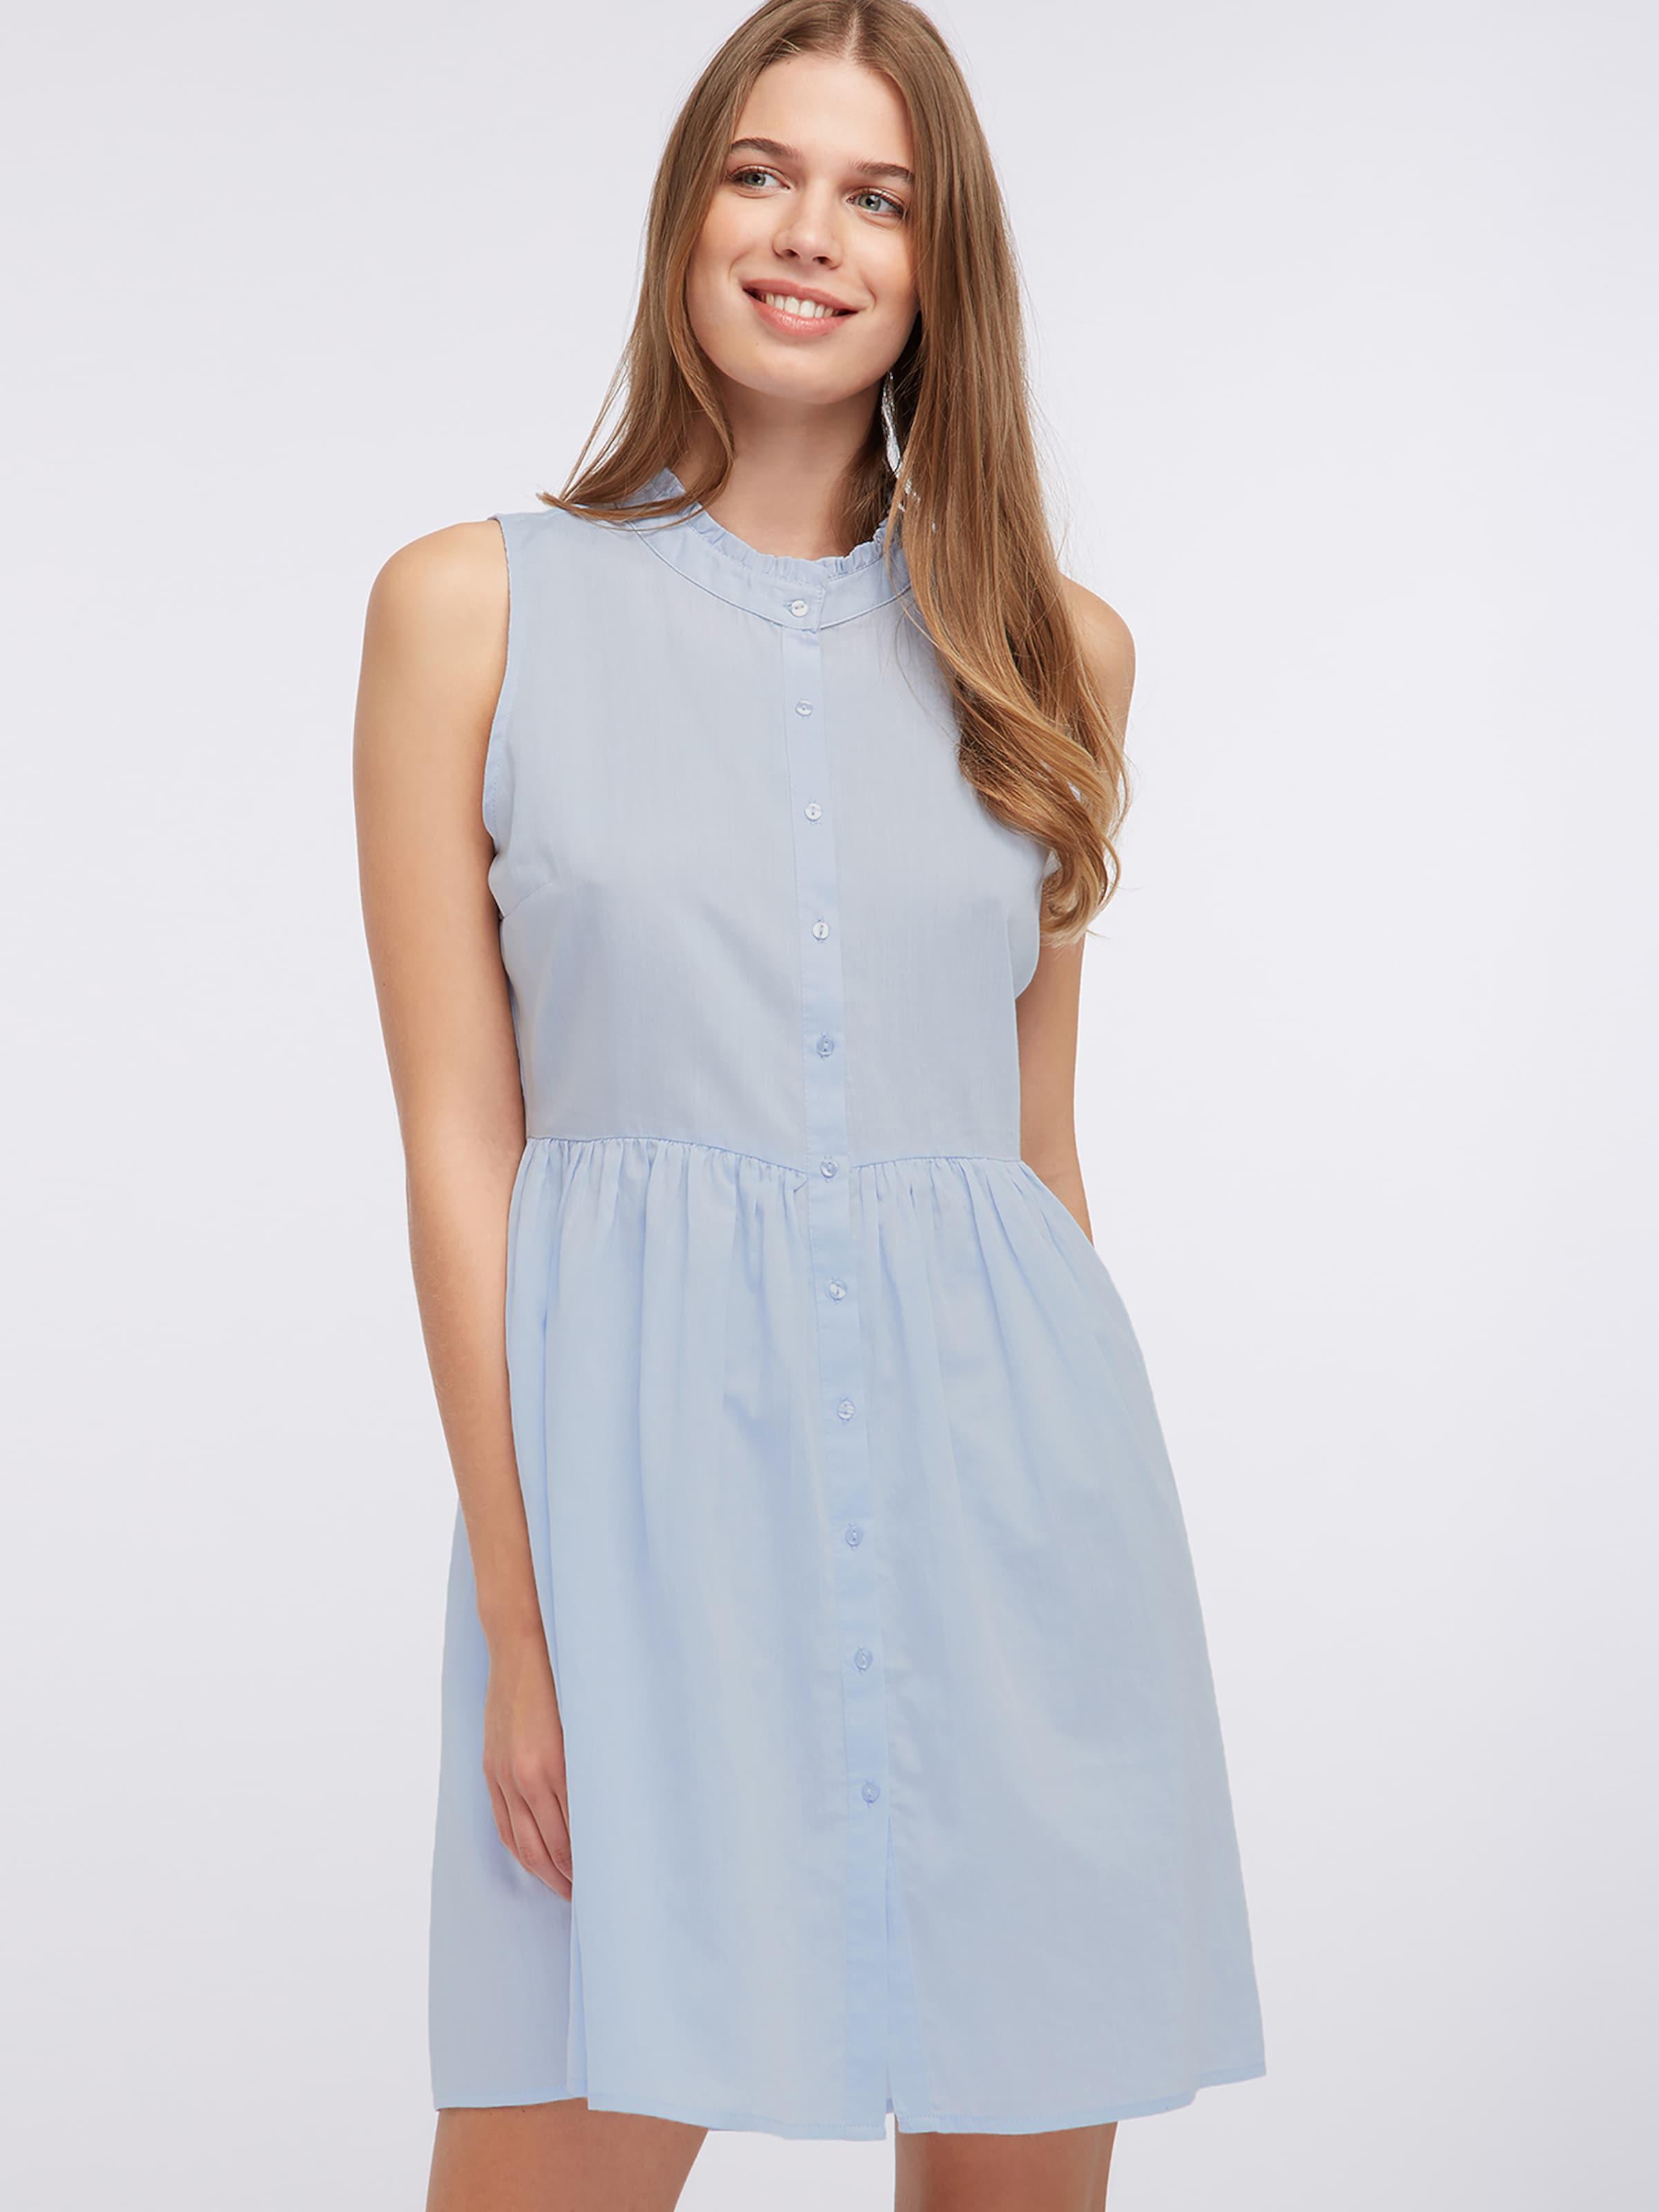 'rozella' Hellblau Fashion Kleid Nyc Broadway In Iybf6g7vY